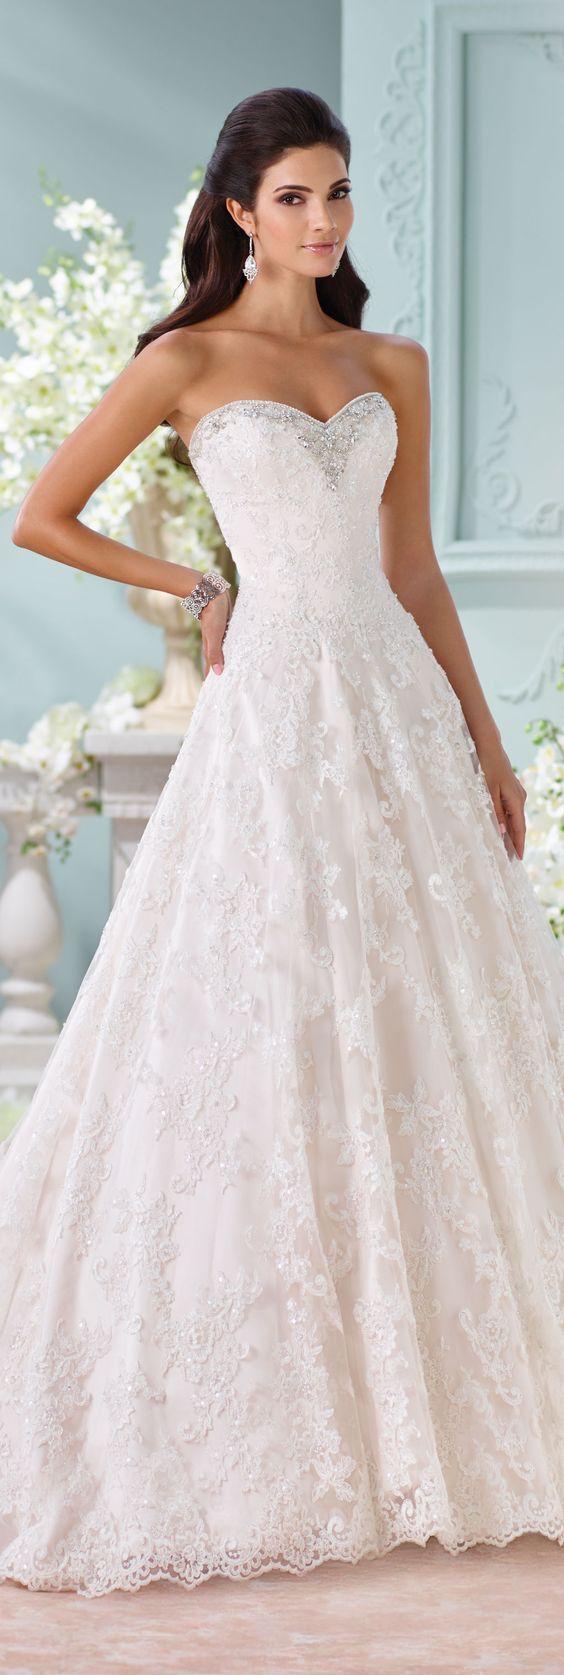 wybór sukni ślubnej z dekoltem w serce